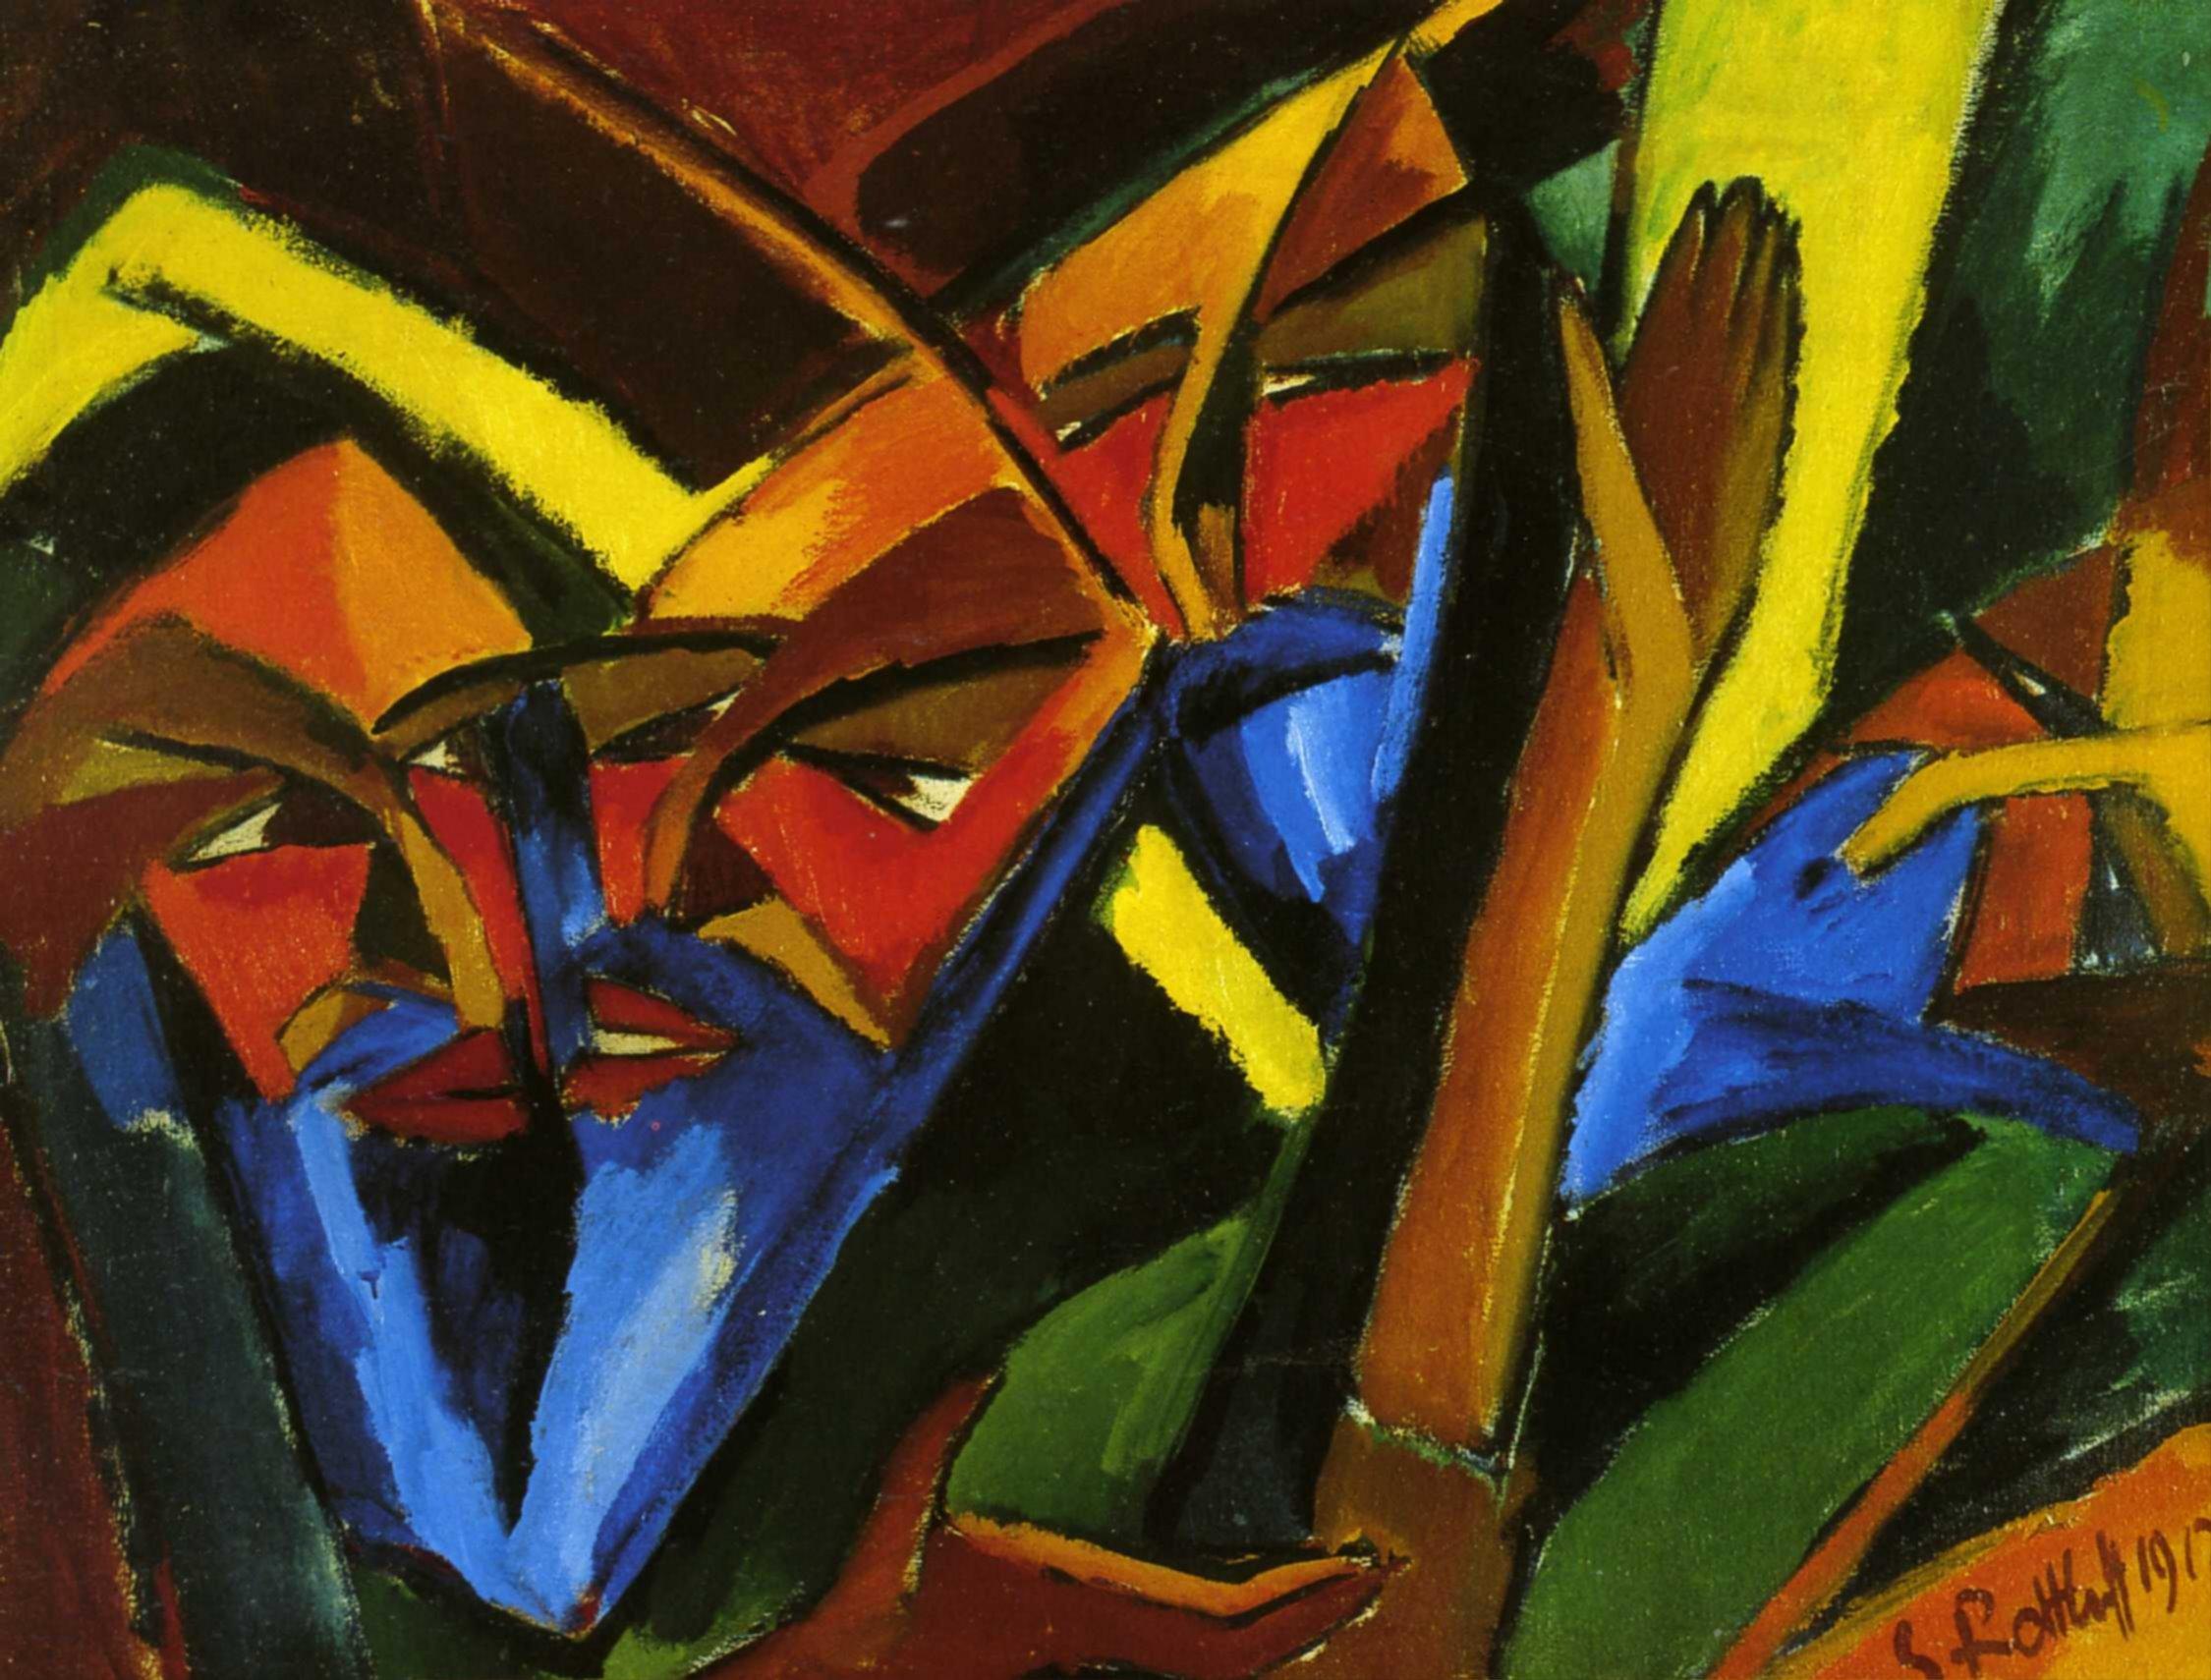 Карл Шмидт-Ротлуф (1884 — 1976) — немецкий художник-экспрессионист, один из теоретиков модернизма в живописи. 1912. «Фарисеи»